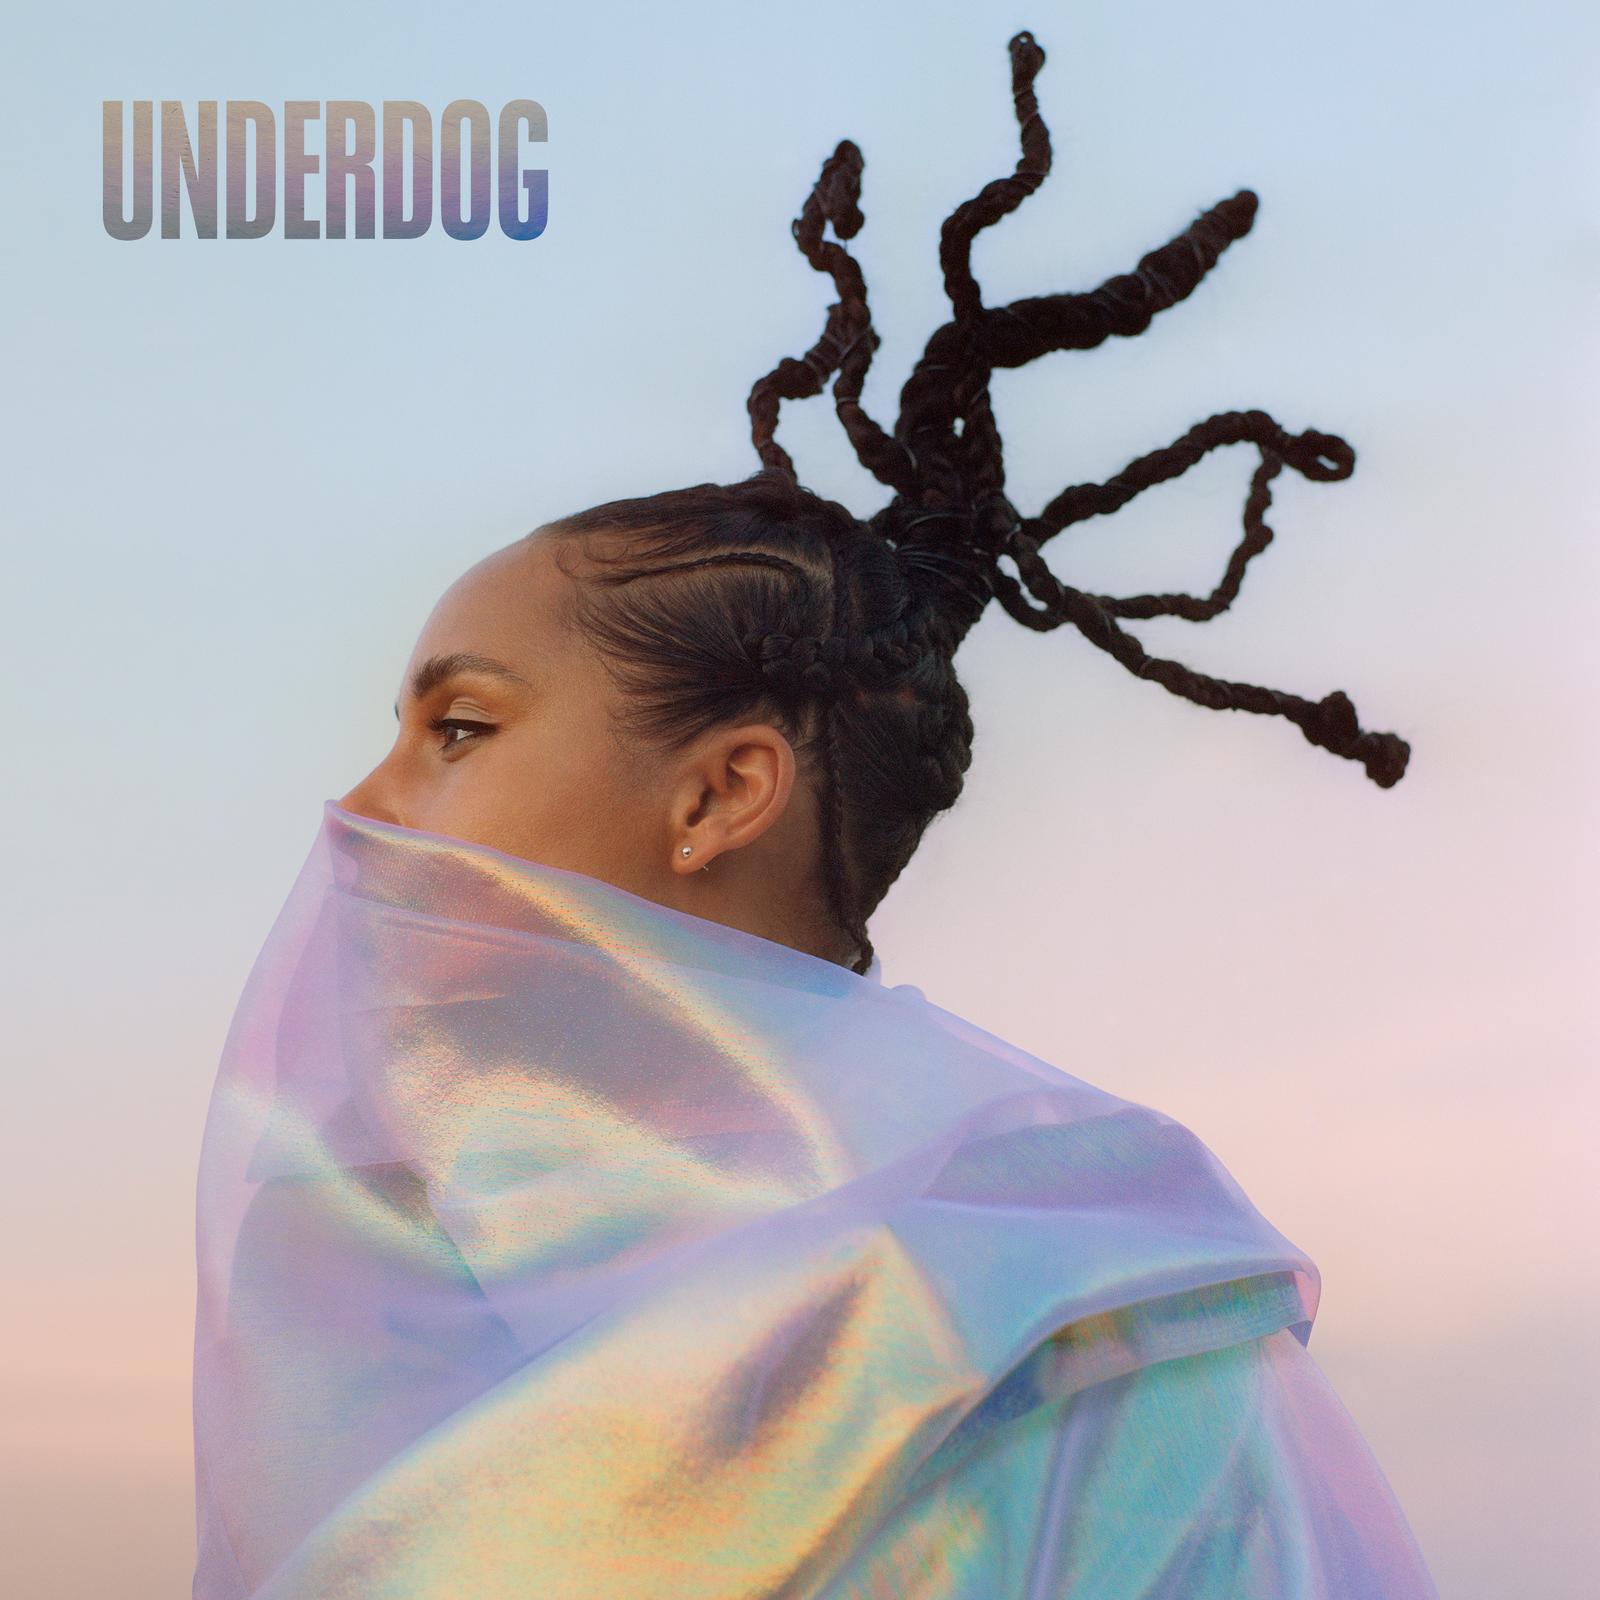 Alicia Keys - Underdog